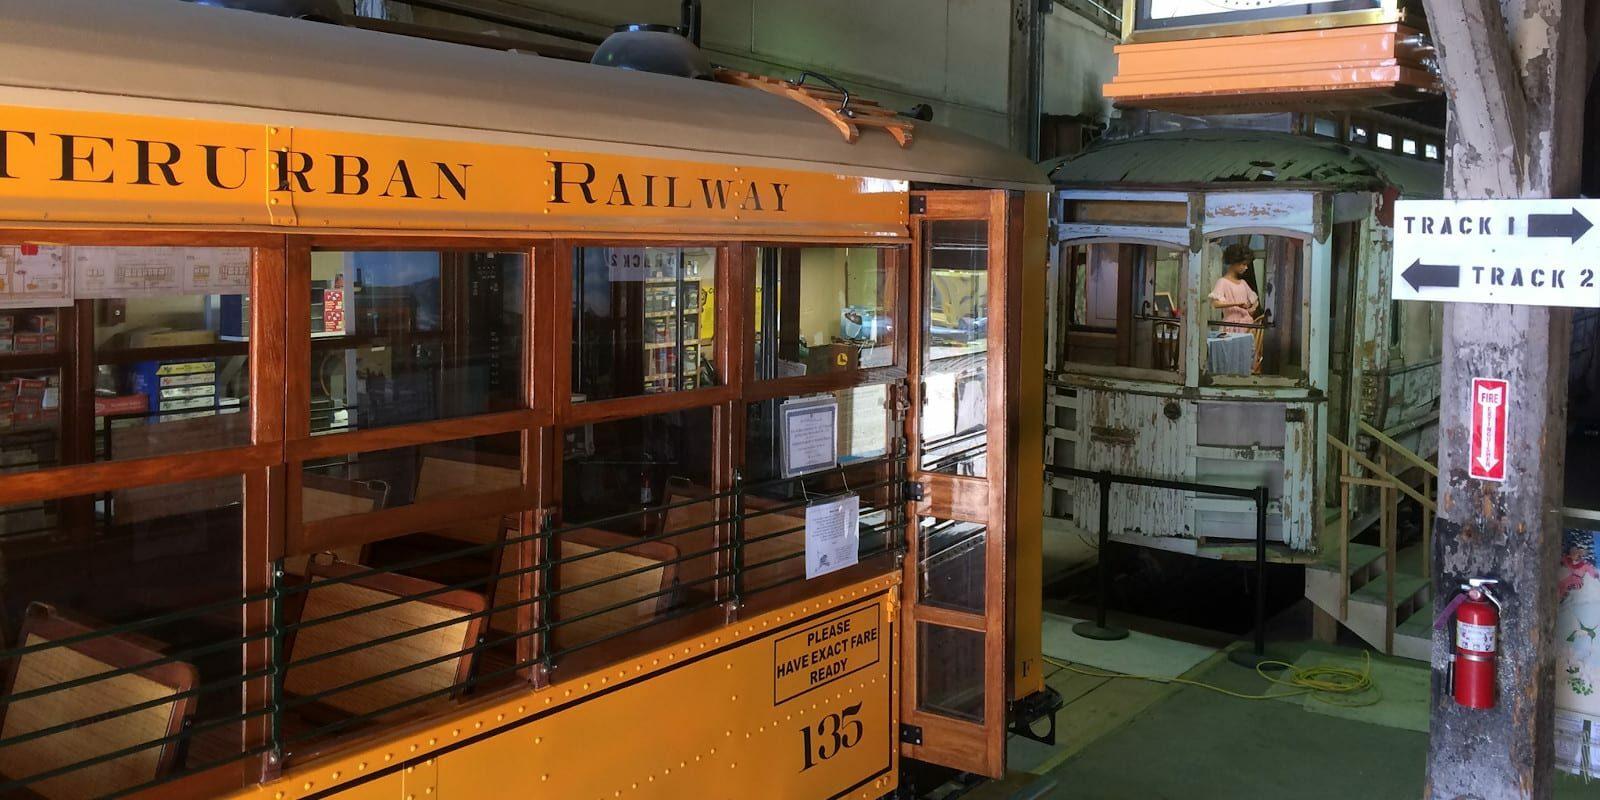 Pikes Peak Trolley Museum in Colorado Springs